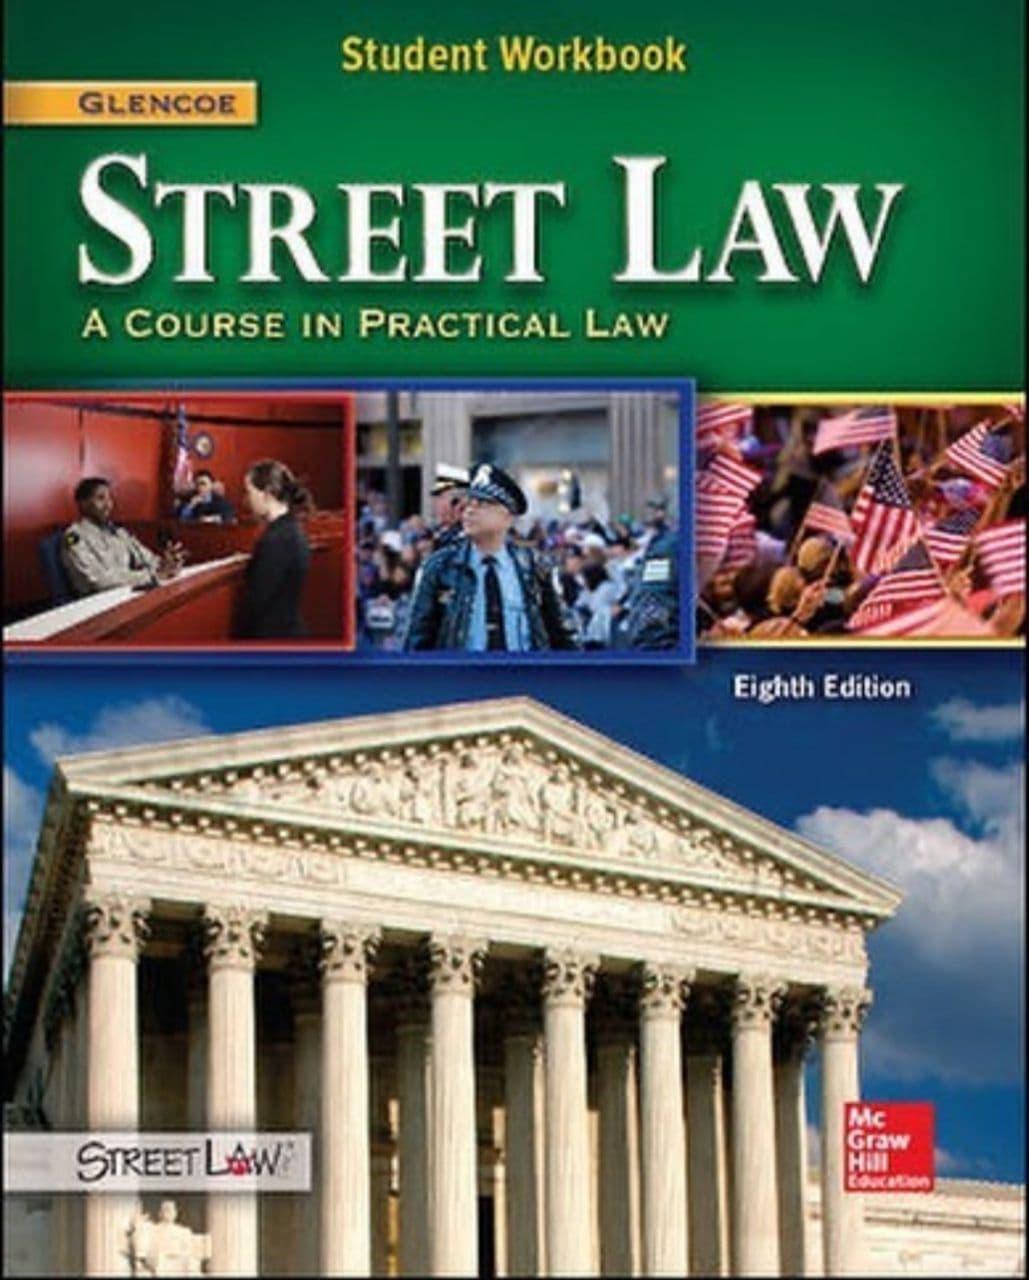 کتاب کار دانشجویی با نام street law